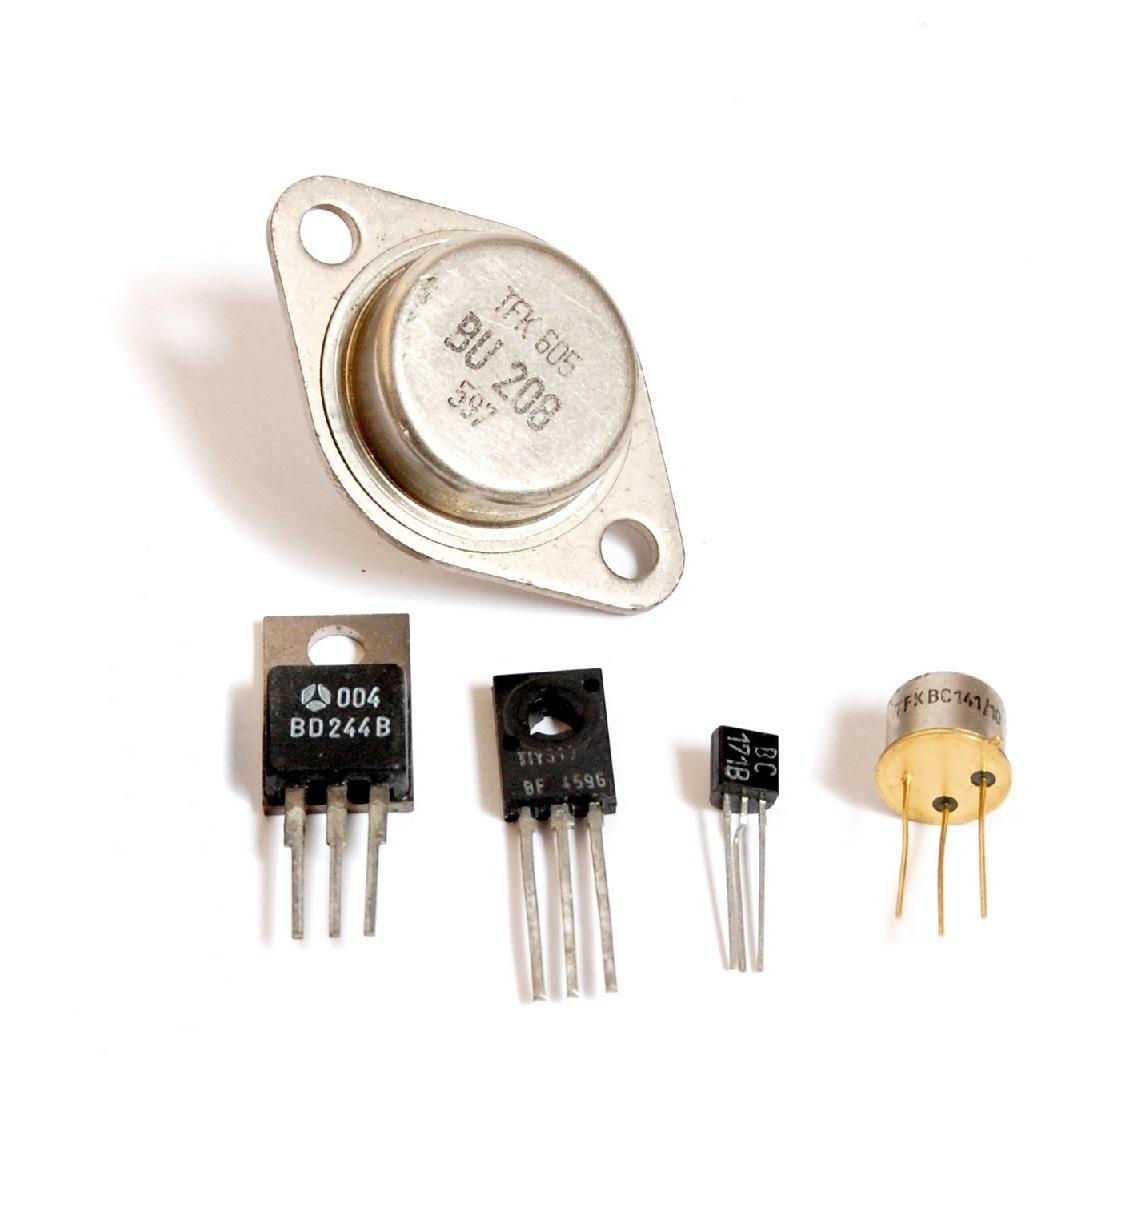 chto takoe tranzistor - Транзистор фото